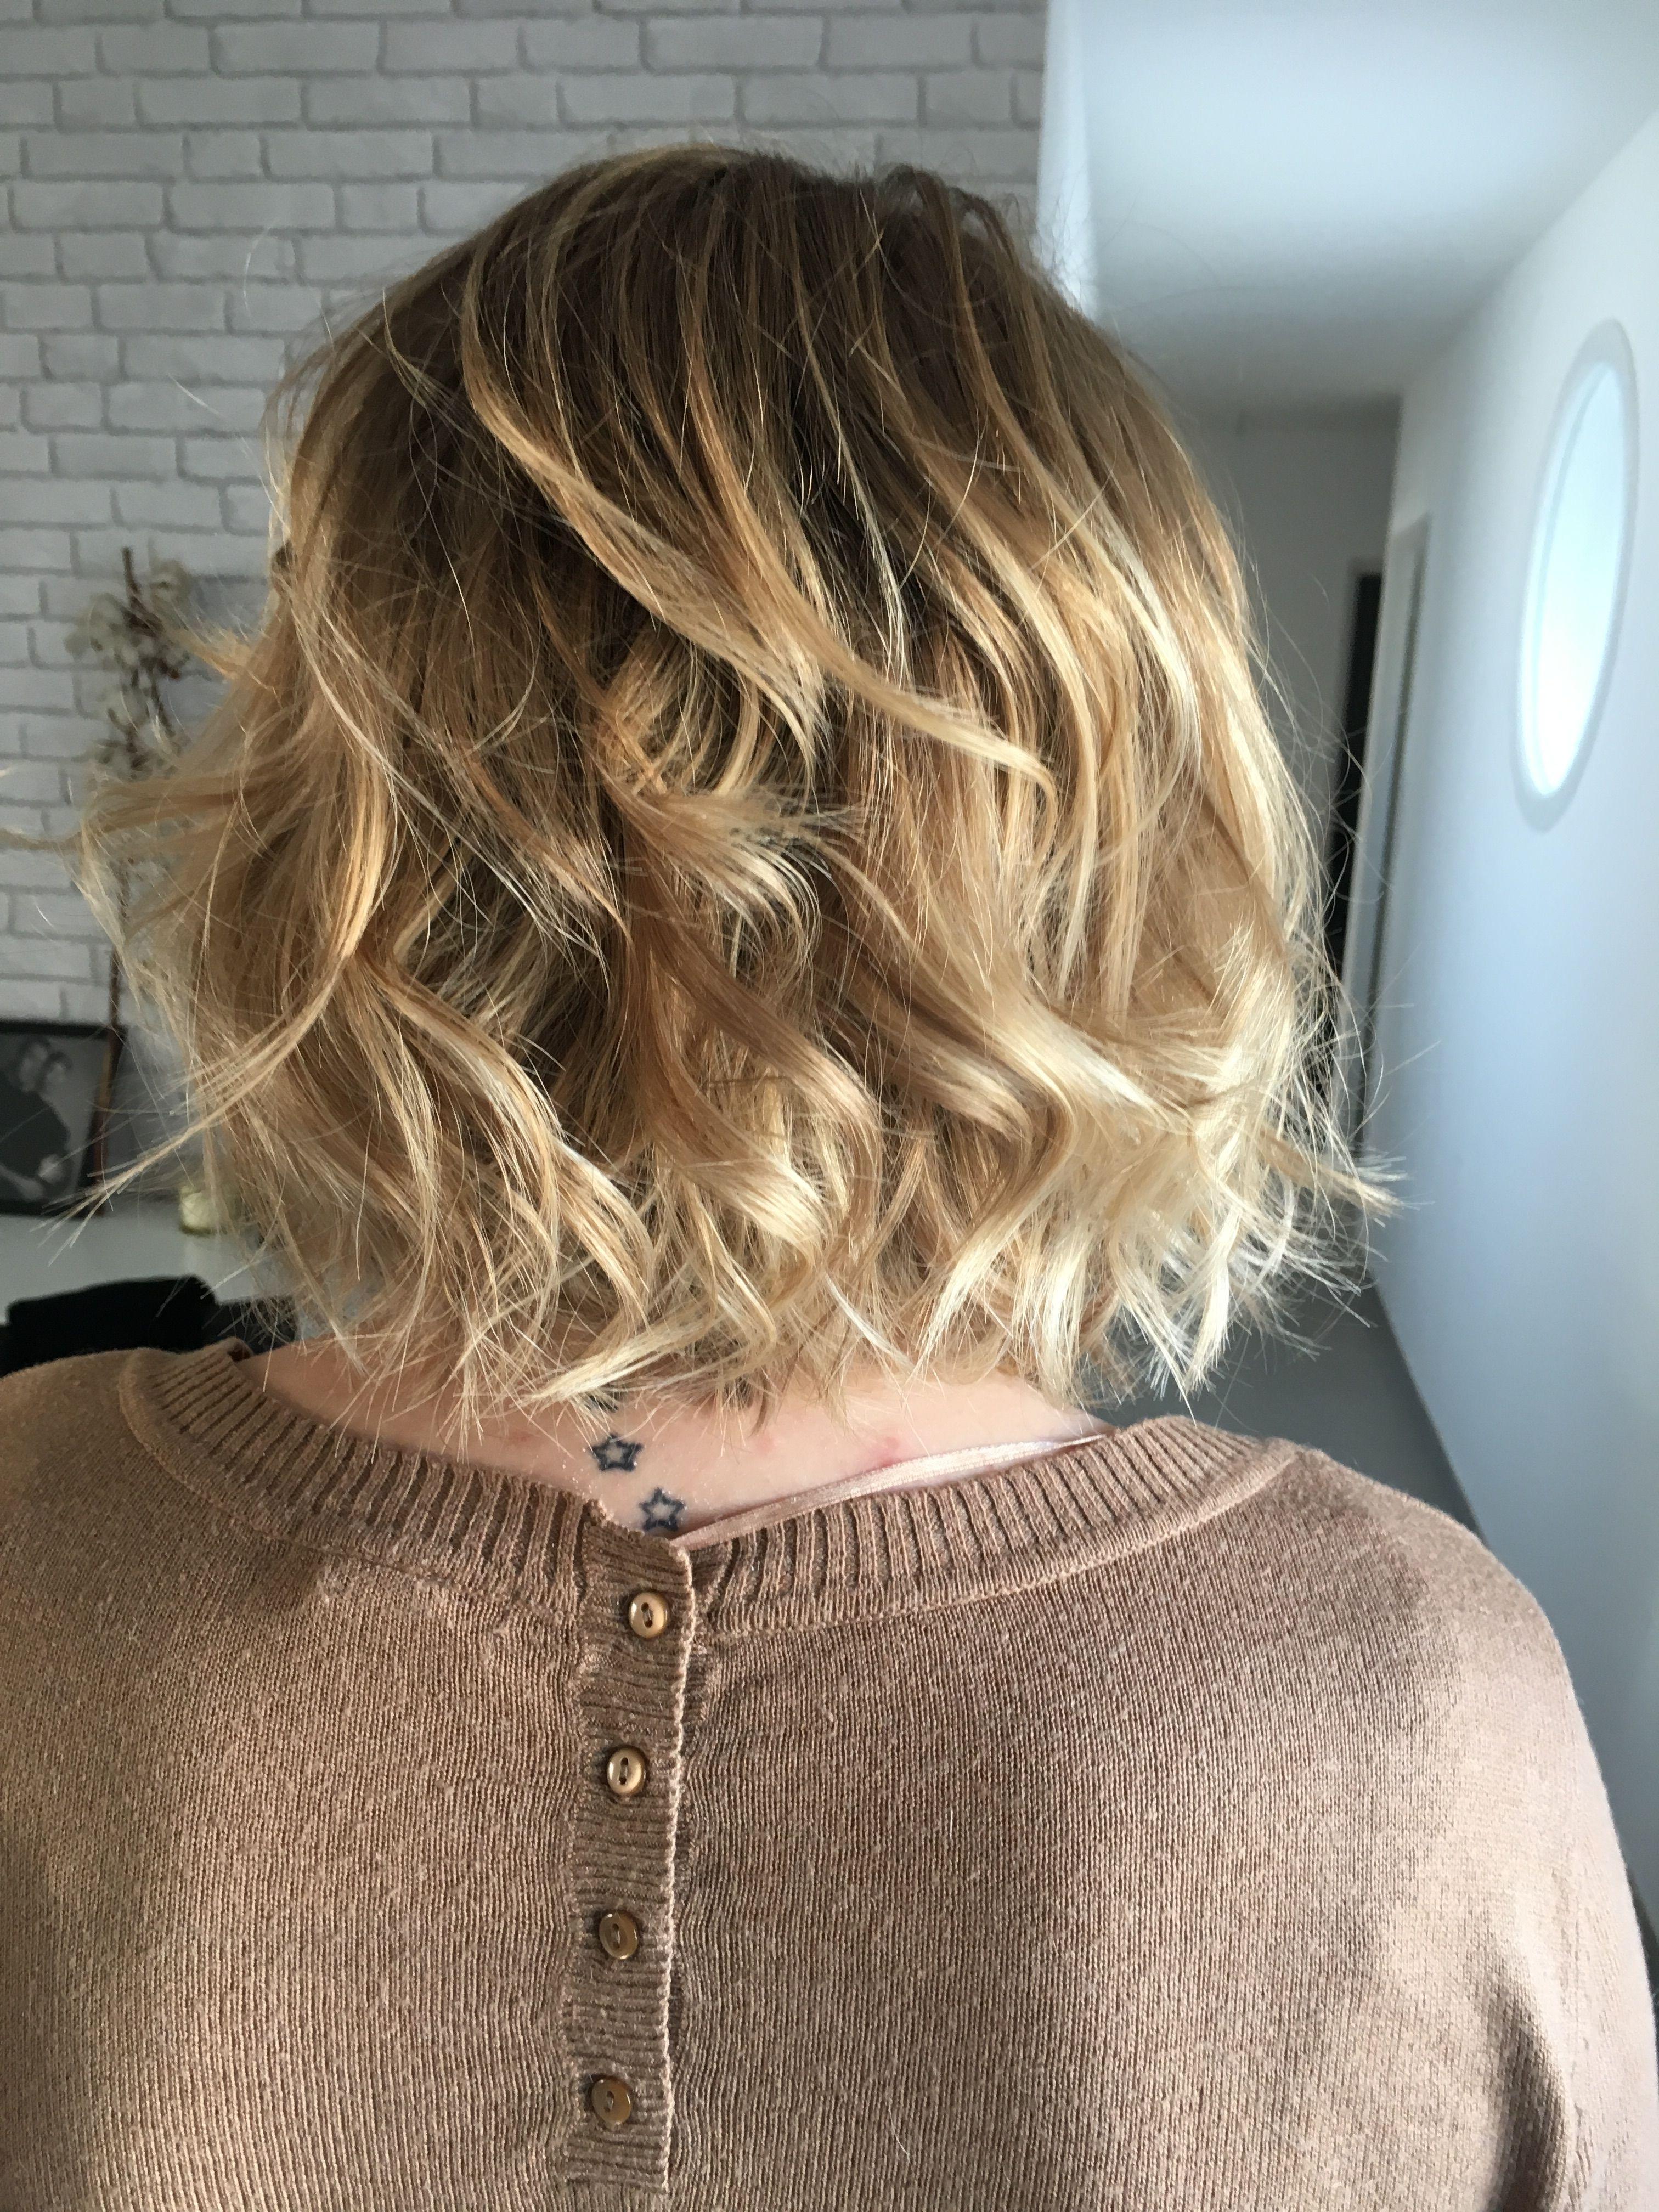 nouvelle coupe: balayage blond sur une coupe carré #ombrehair